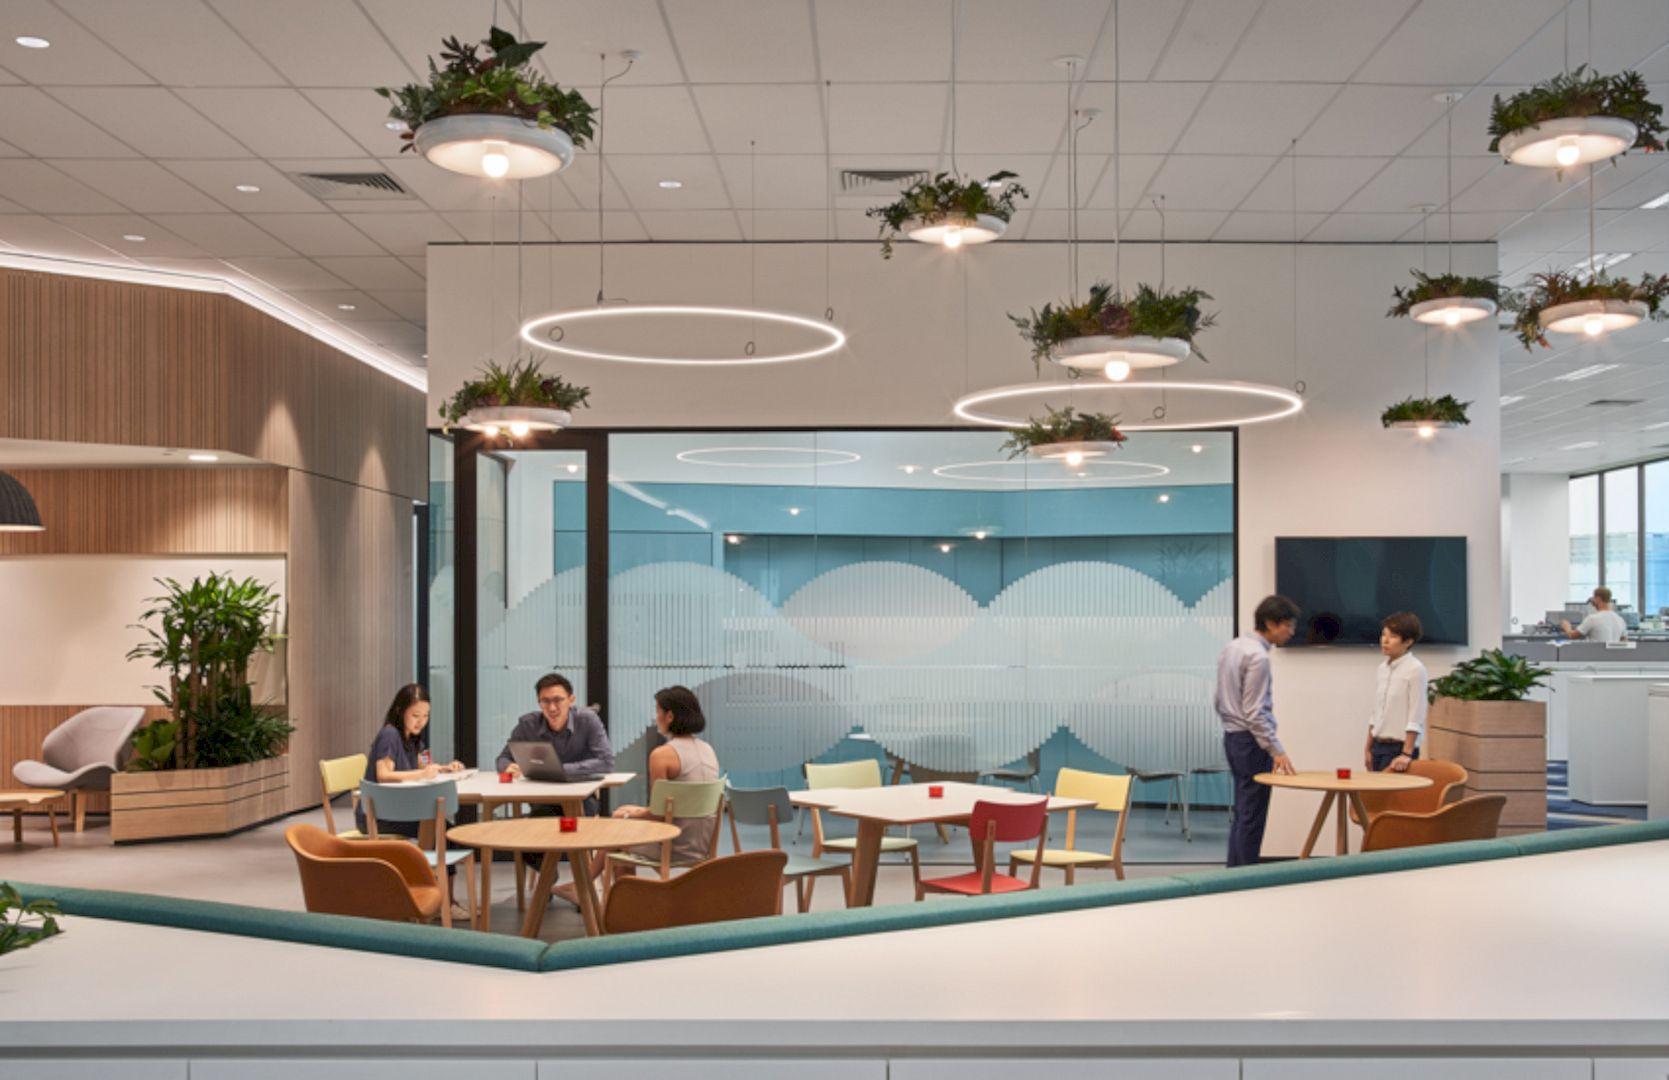 Sivantos Singapore A Company S New Headquarters Interior With A